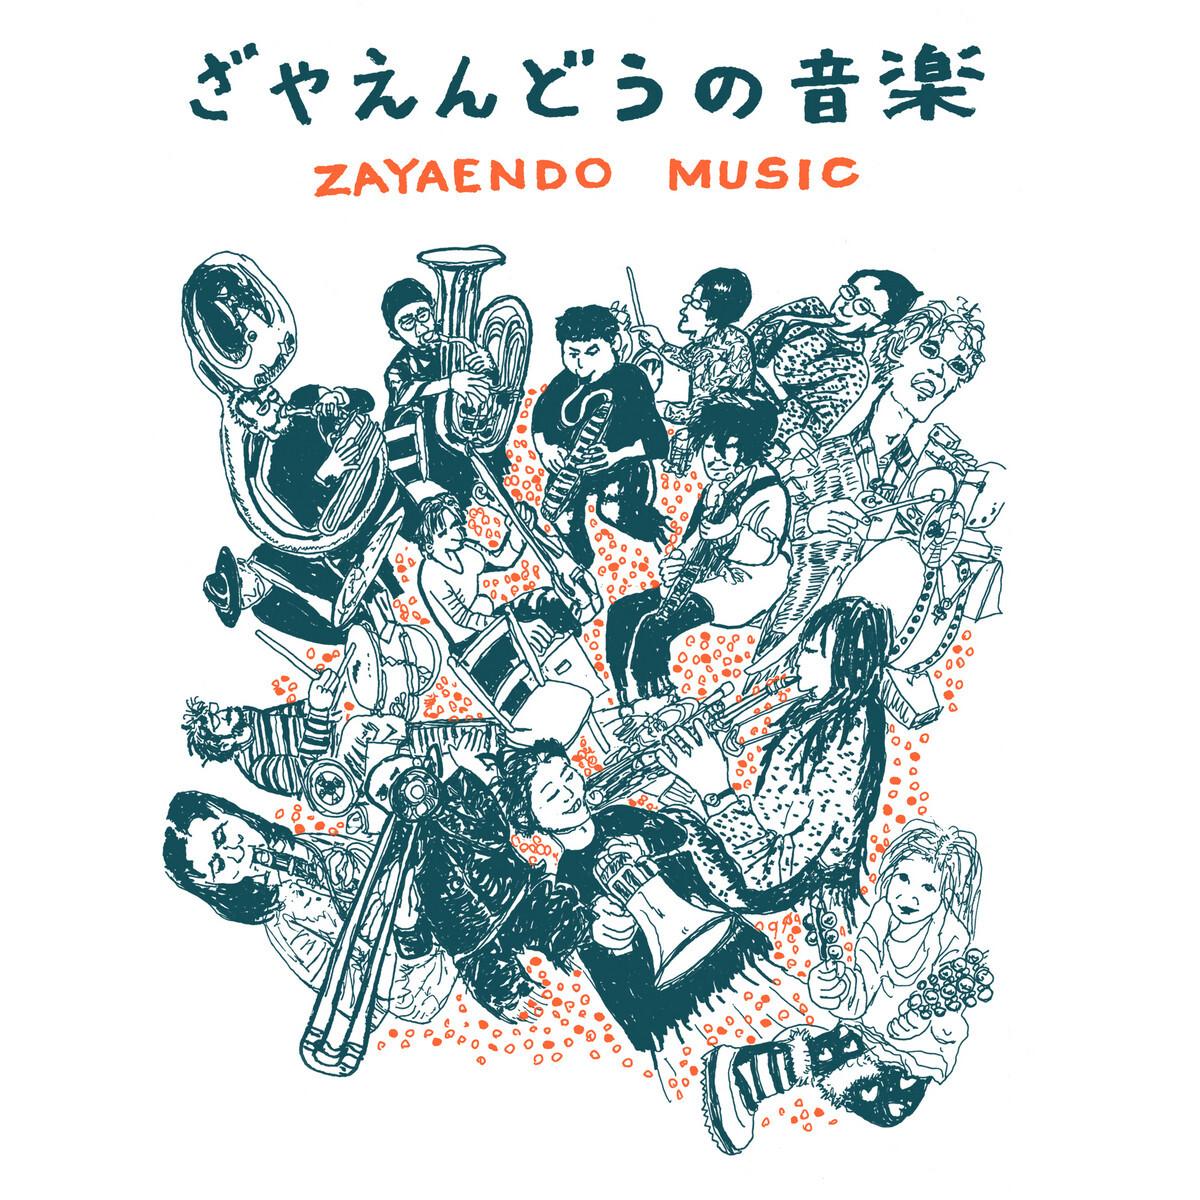 ざやえんどう - ざやえんどうの音楽 (LP)